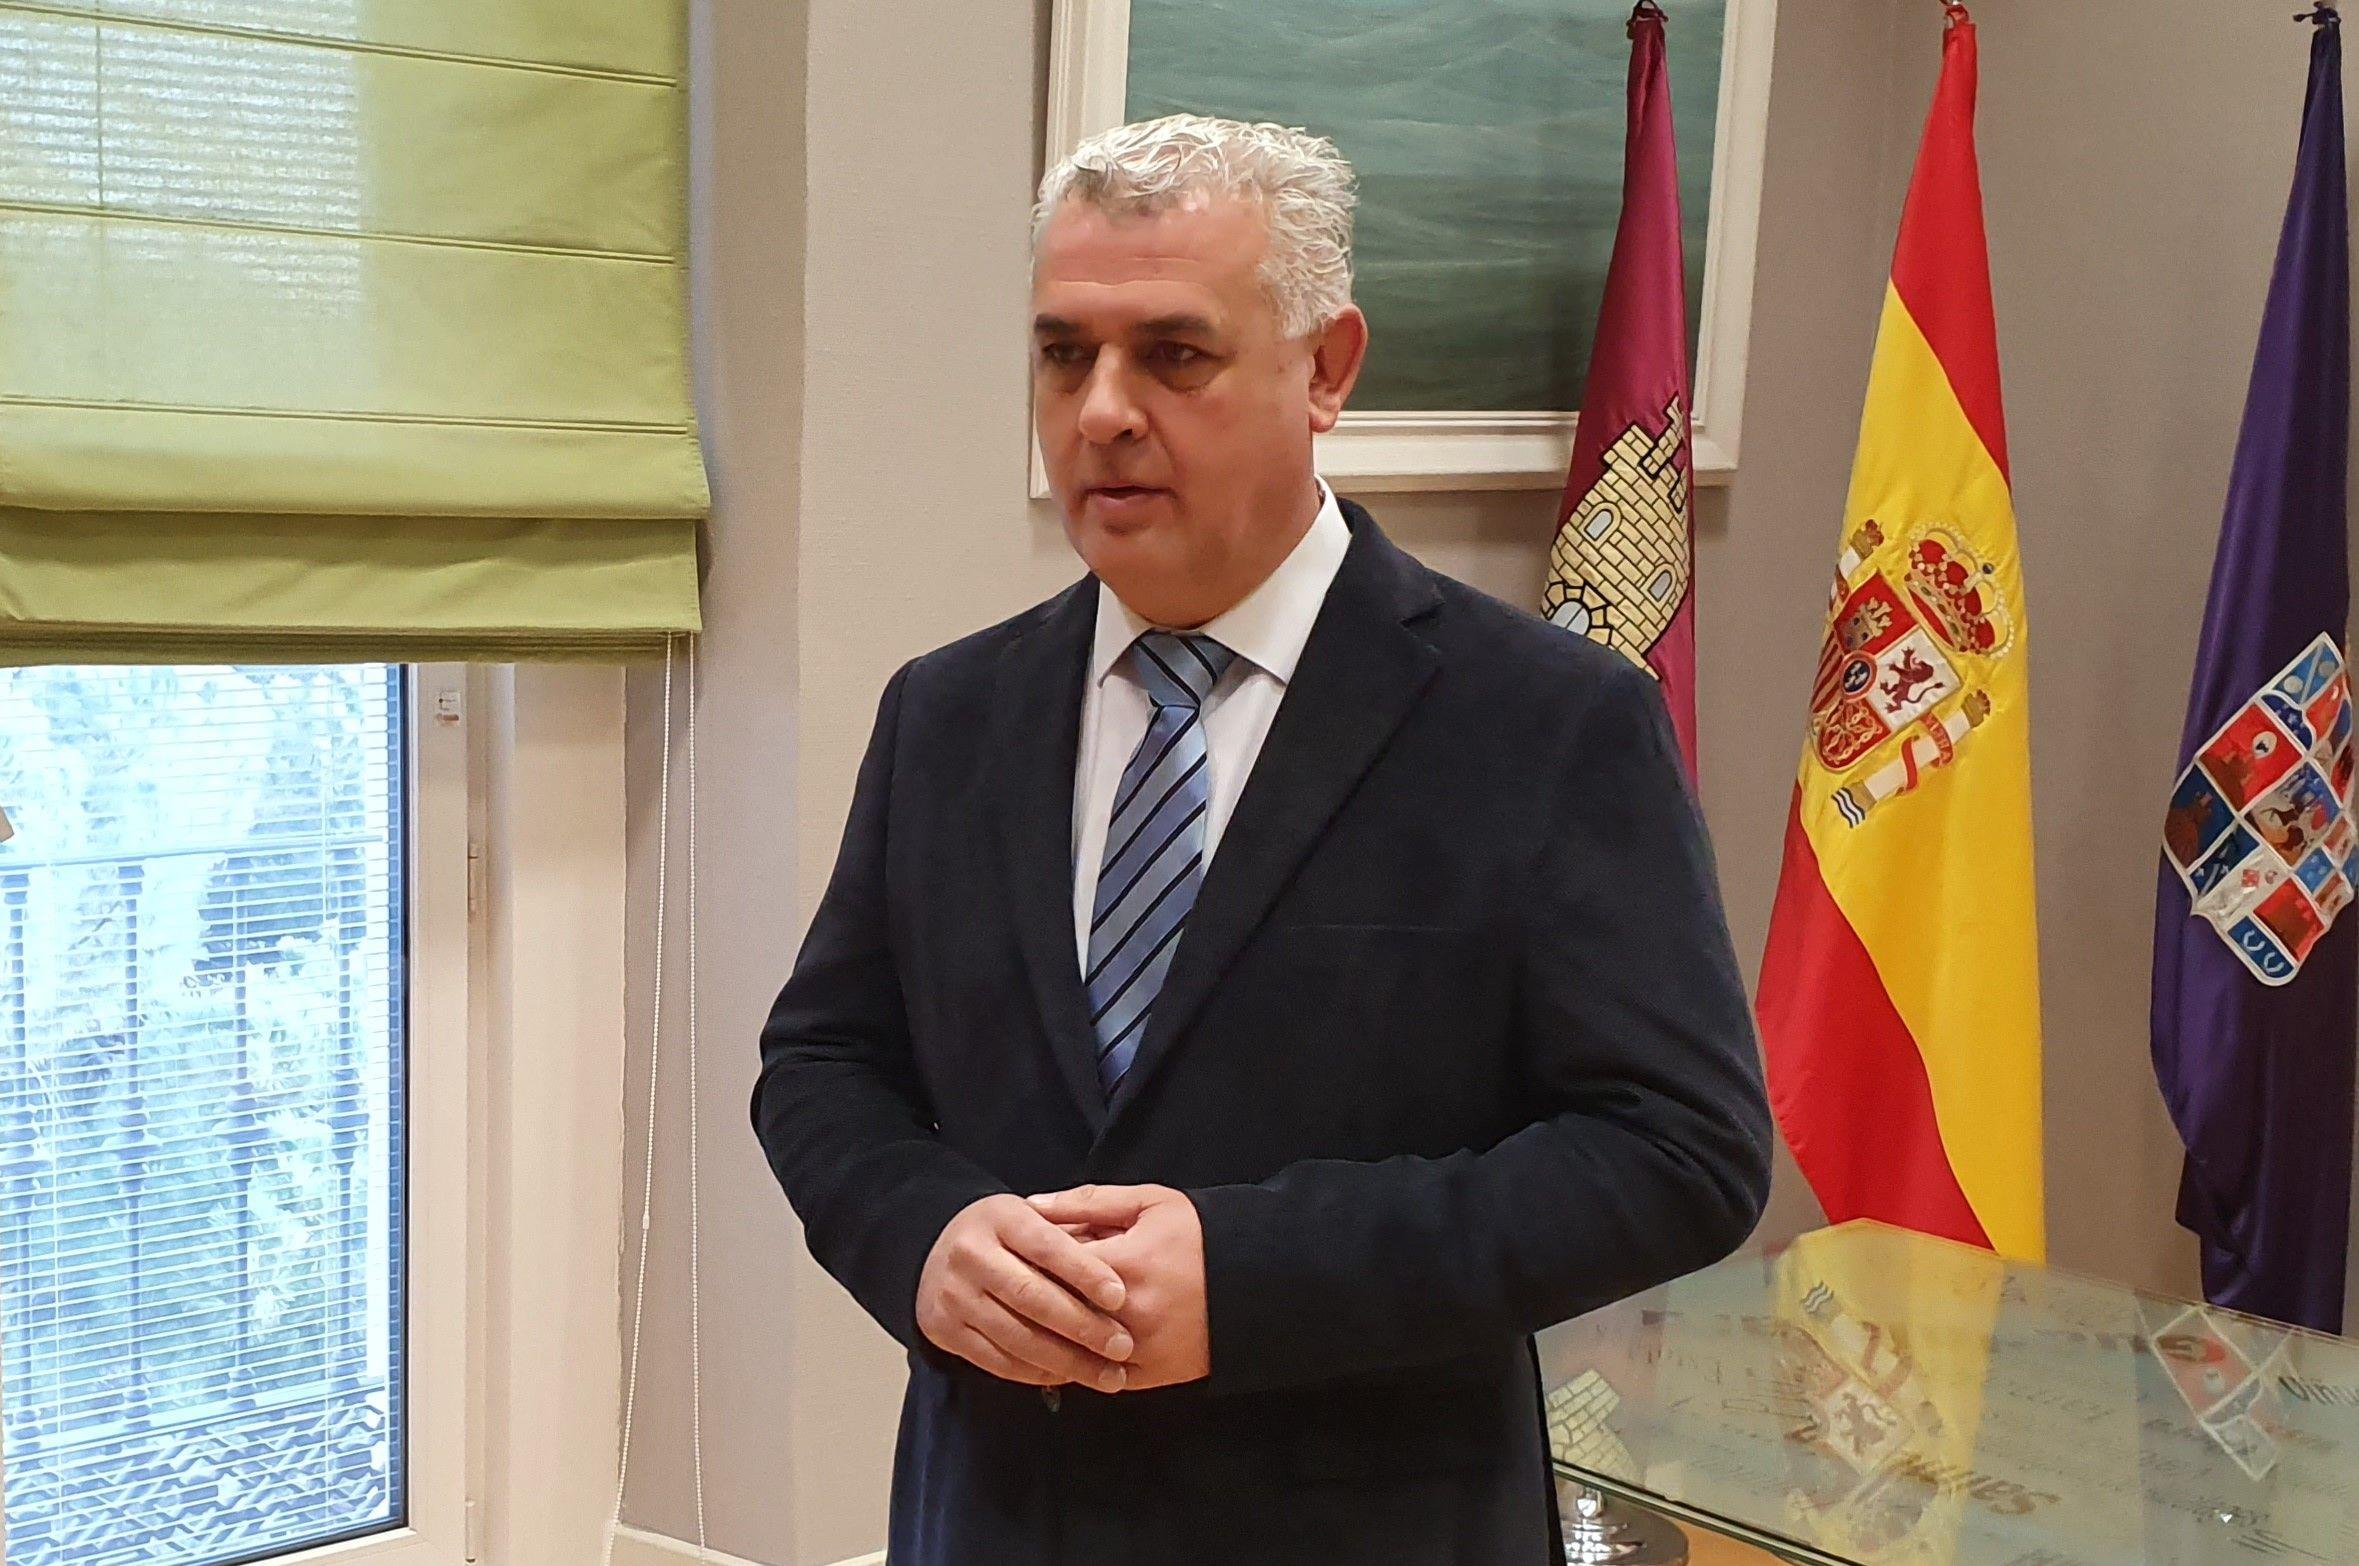 La Diputación de Guadalajara realiza un nuevo anticipo de 5,4 millones a los pueblos de la provincia